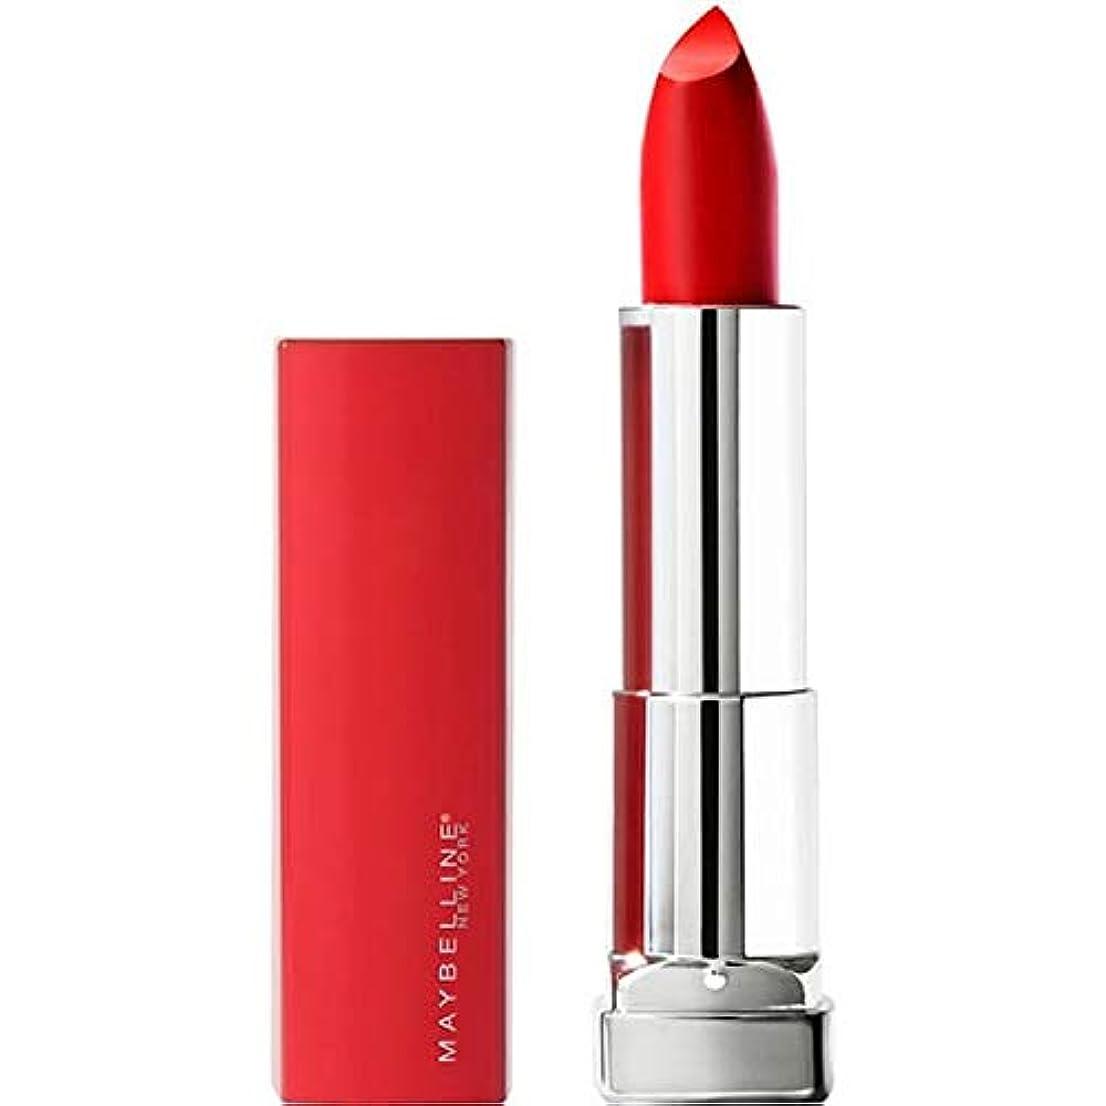 麦芽コーンウォール性差別[Maybelline ] メイベリンの色はセンセーショナルな私のためにすべての382の赤のために作られました - Maybelline Color Sensational Made For All 382 Red For Me [並行輸入品]